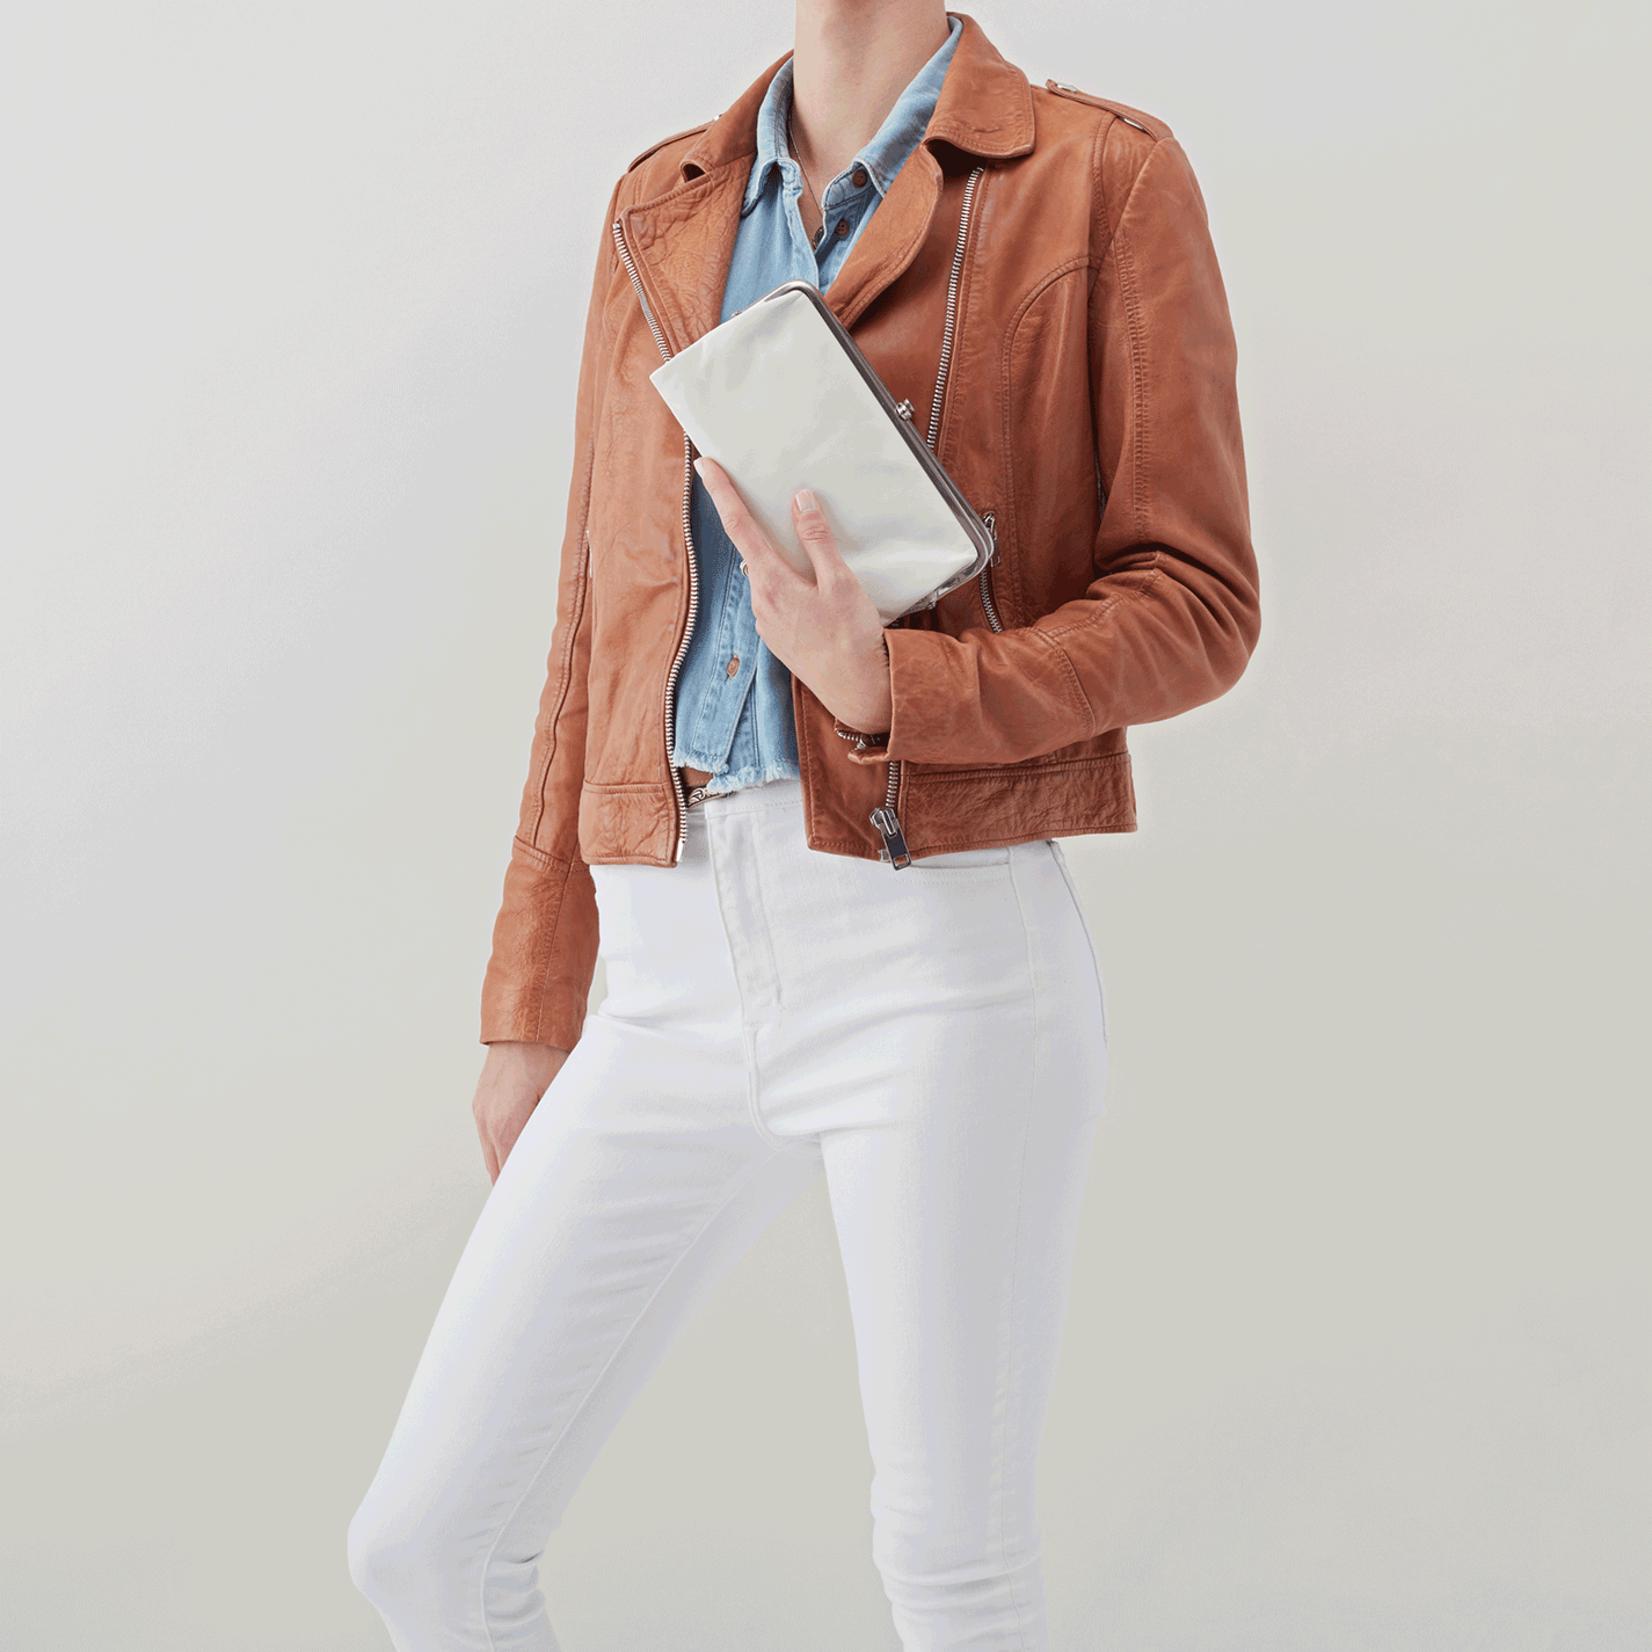 Lauren Wallet in Latte